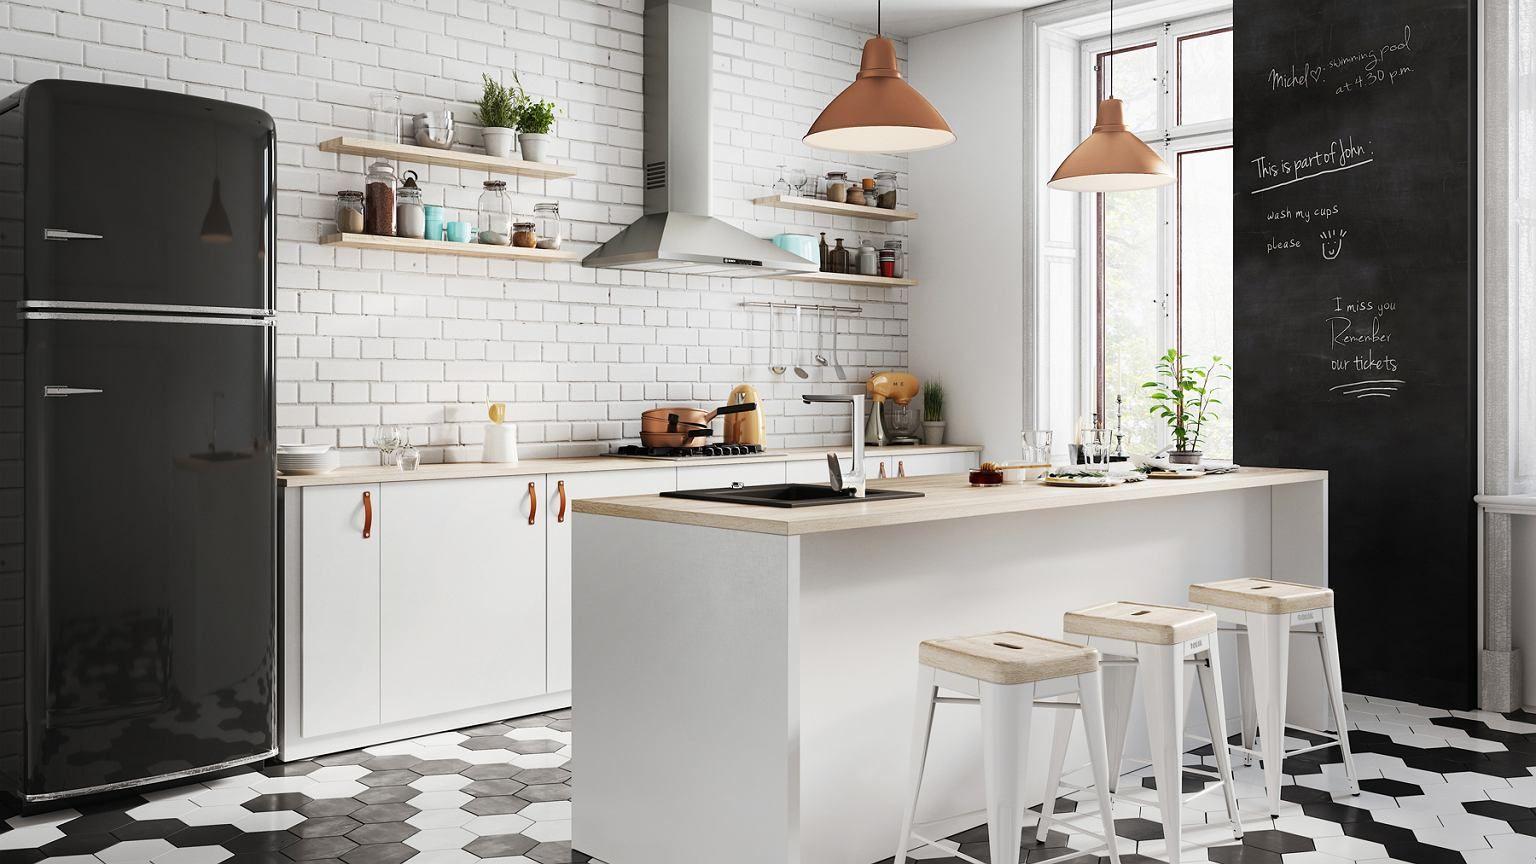 Otwarta Kuchnia Powieksza Przestrzen W Domu Przy Mniejszej Liczbie Scian Nawet Male Mieszka Kitchen Inspirations Scandinavian Kitchen Interior Design Kitchen